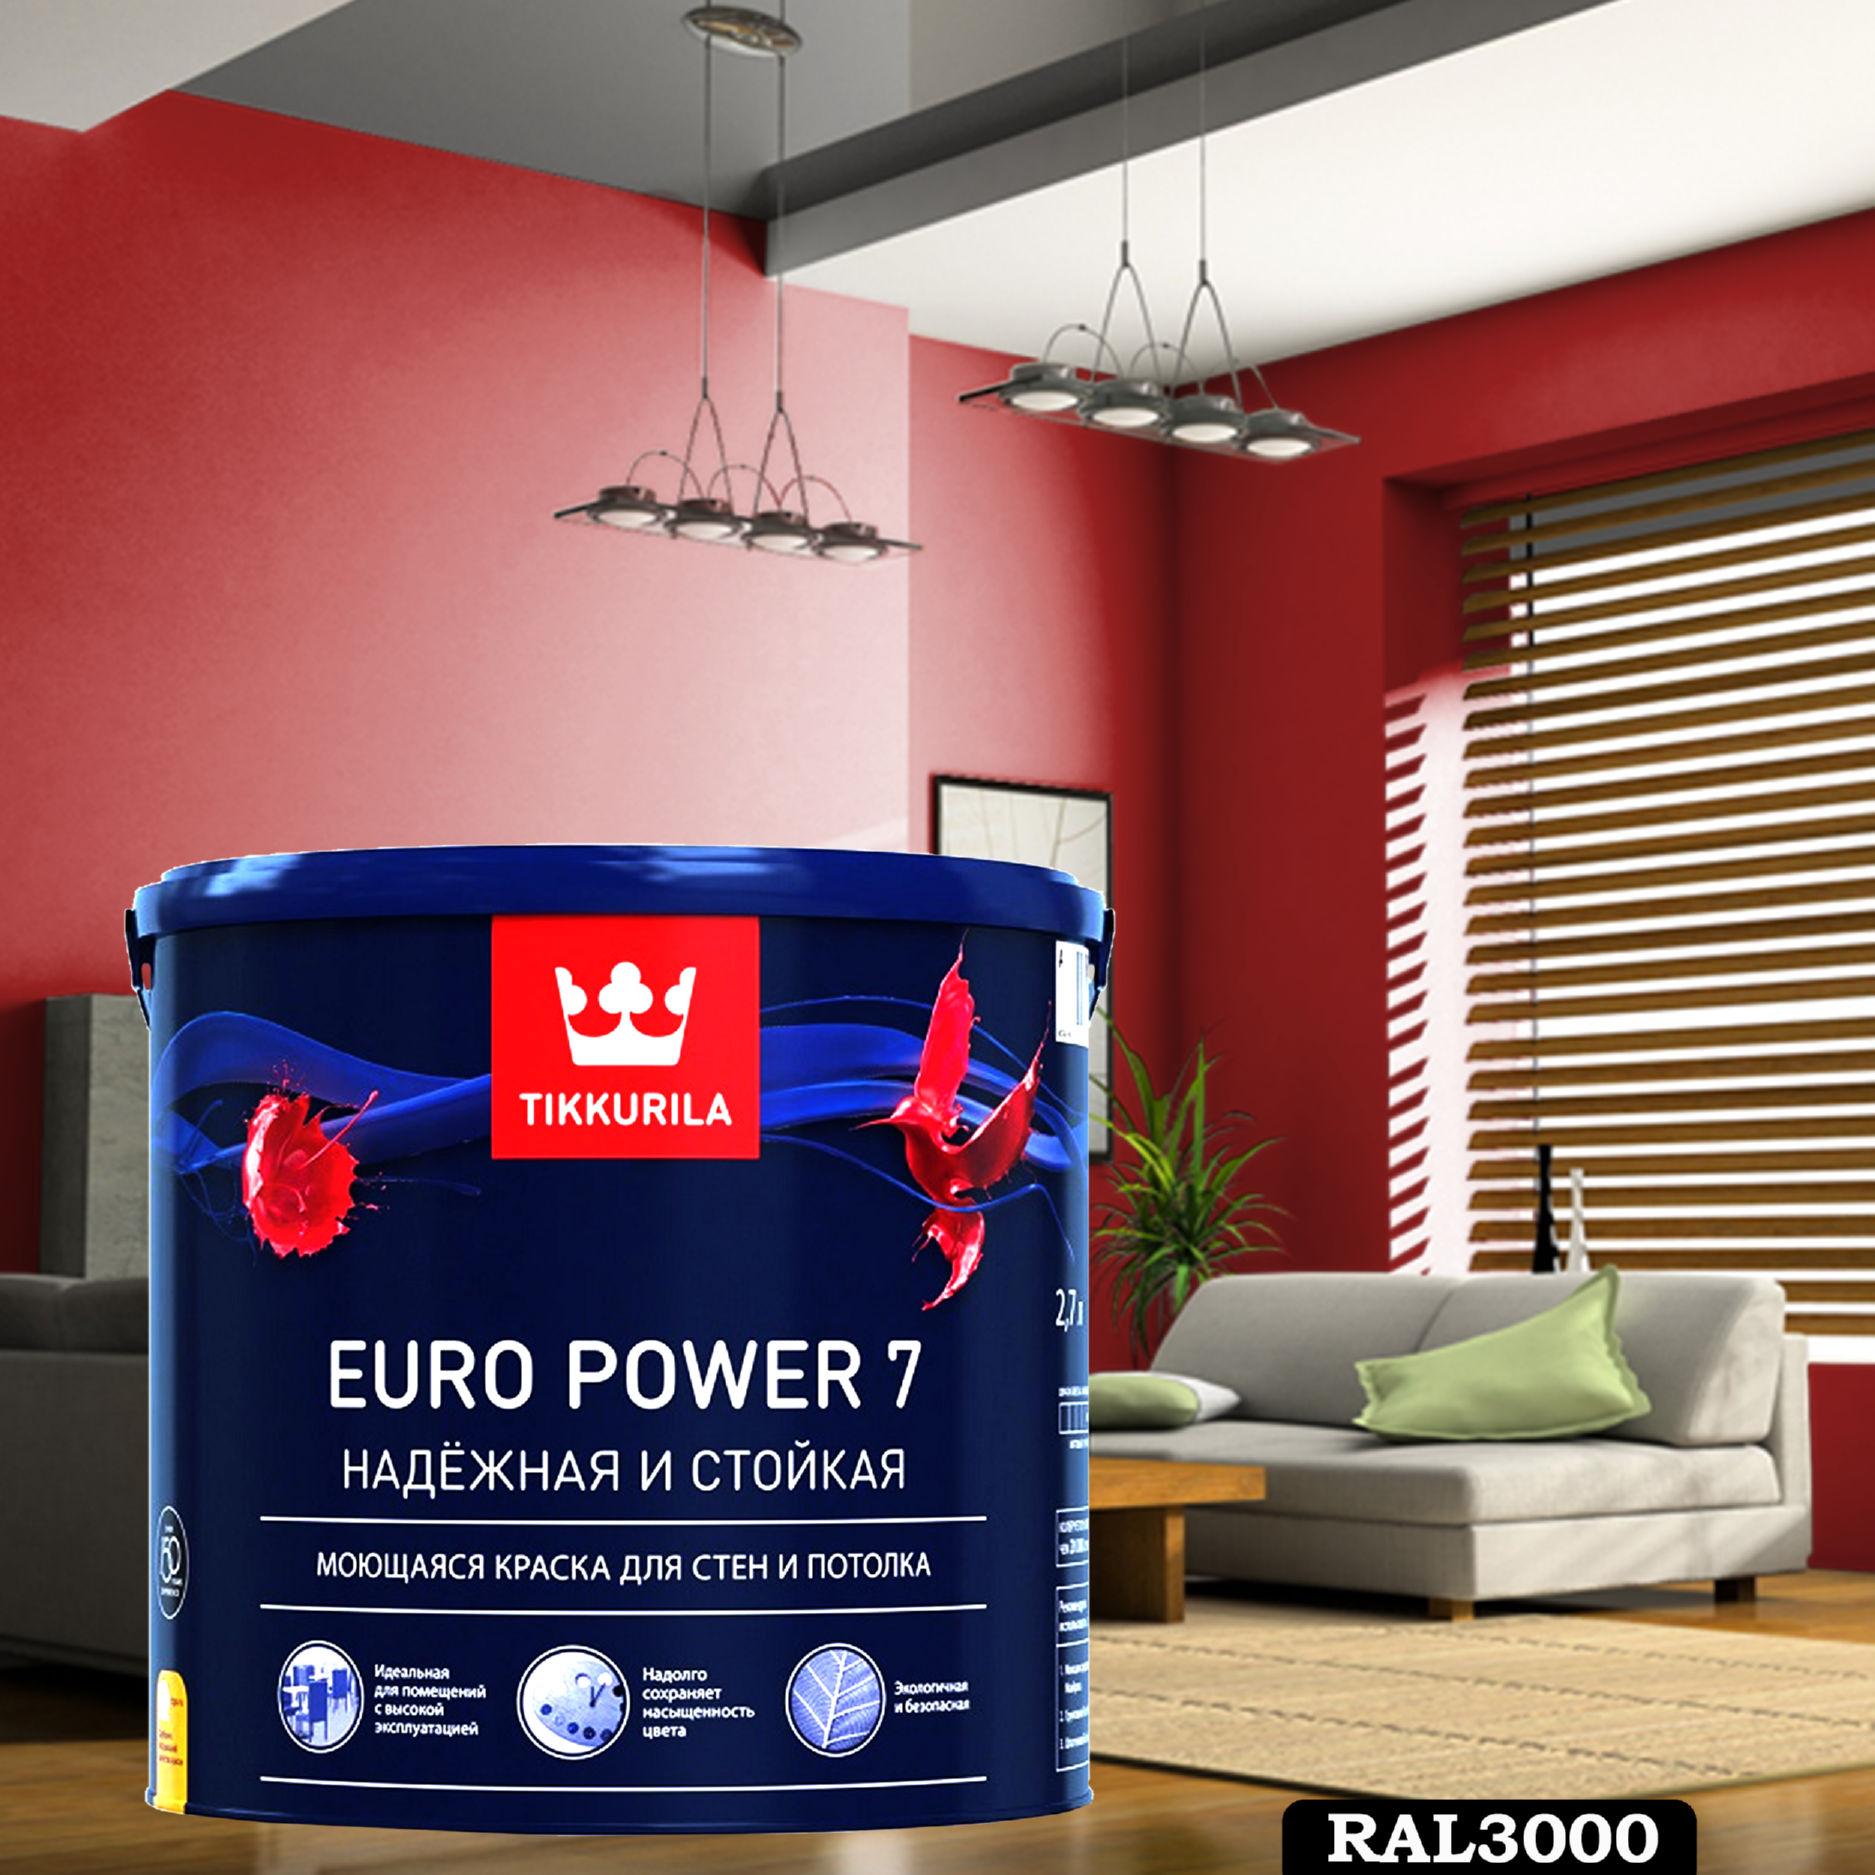 Фото 1 - Краска TIKKURILA Euro Power 7,  RAL 3000 Огненно-красный, латексная моющаяся матовая интерьерная, 9 л.